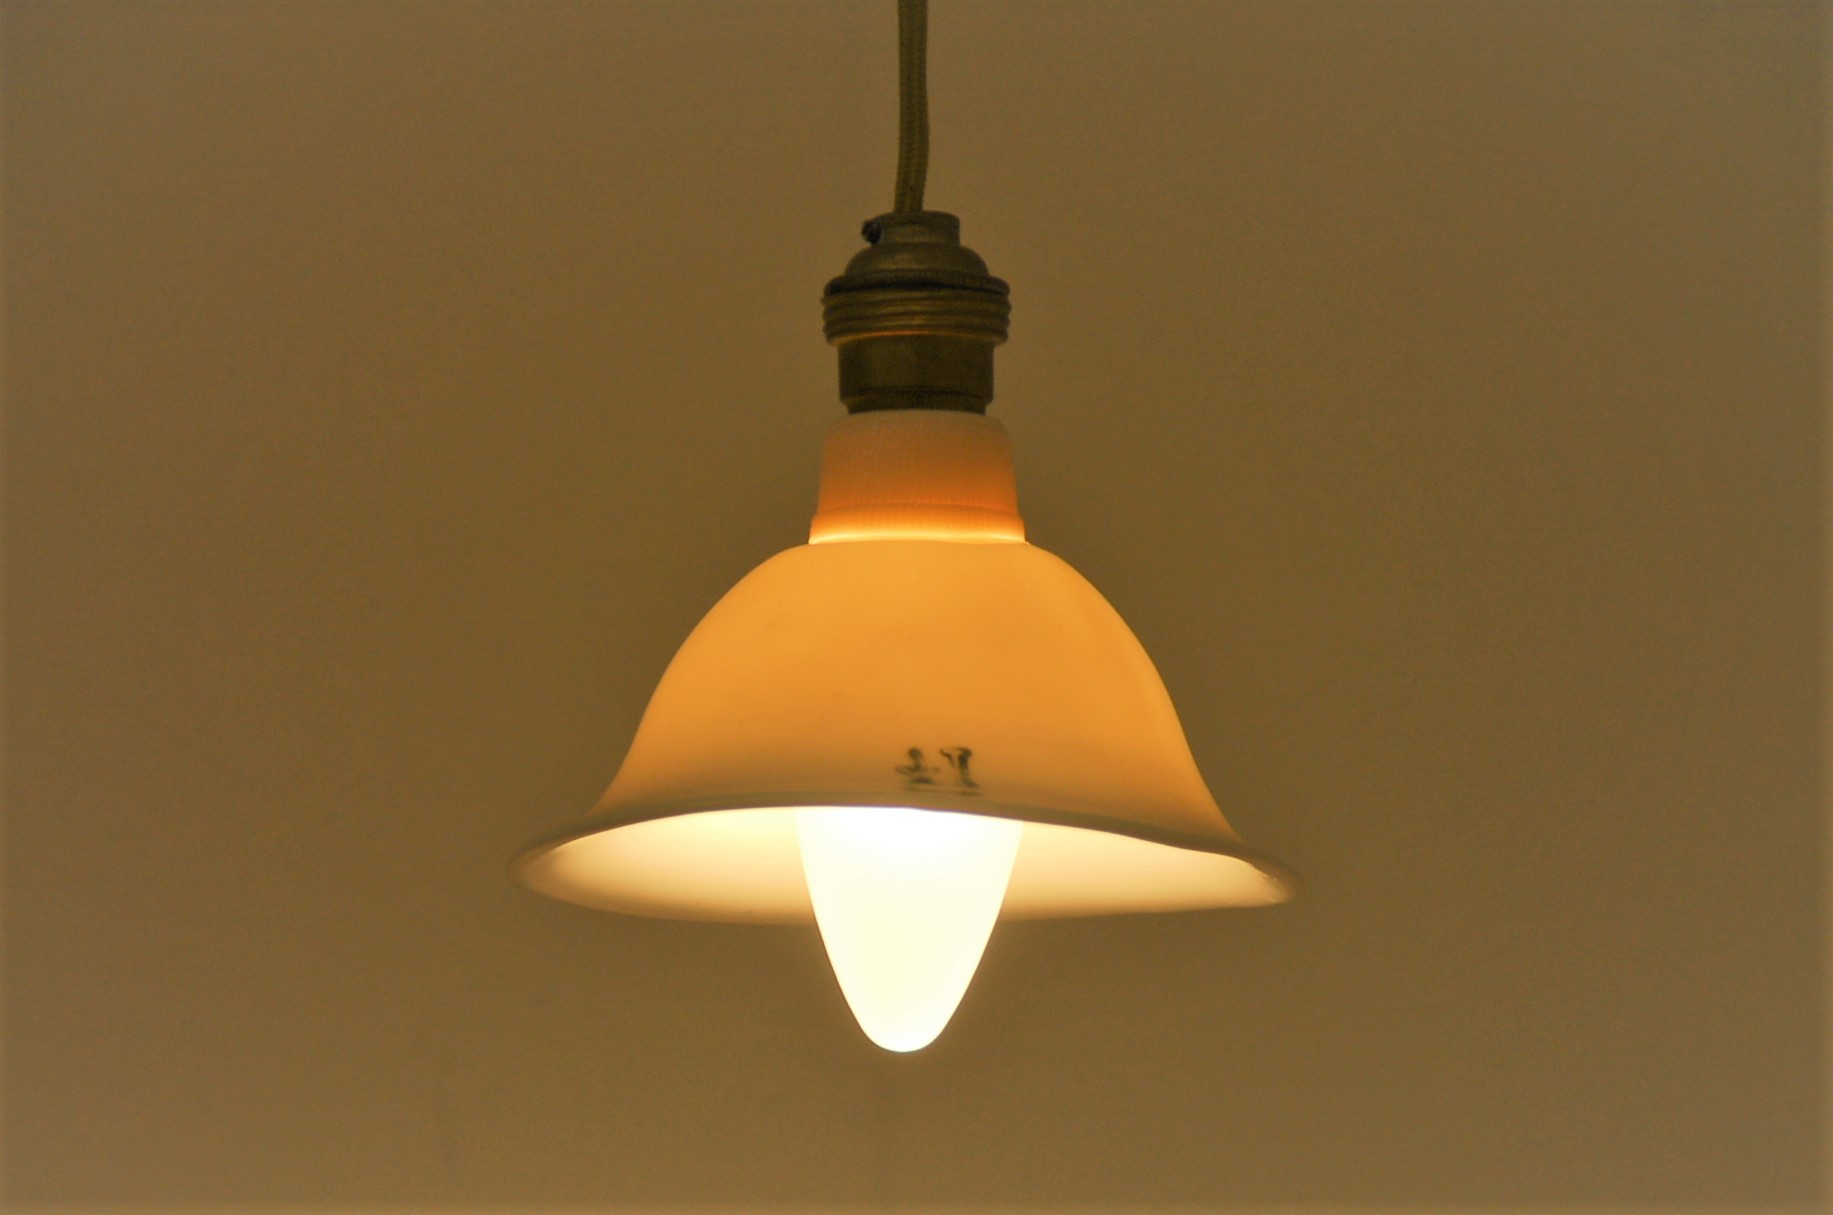 Mimi est une petite lampe en suspension. abat-jour en porcelaine, douille cuivre, cable coton doré. Fabrication par l'artisan d'art Bas van Zuijlen